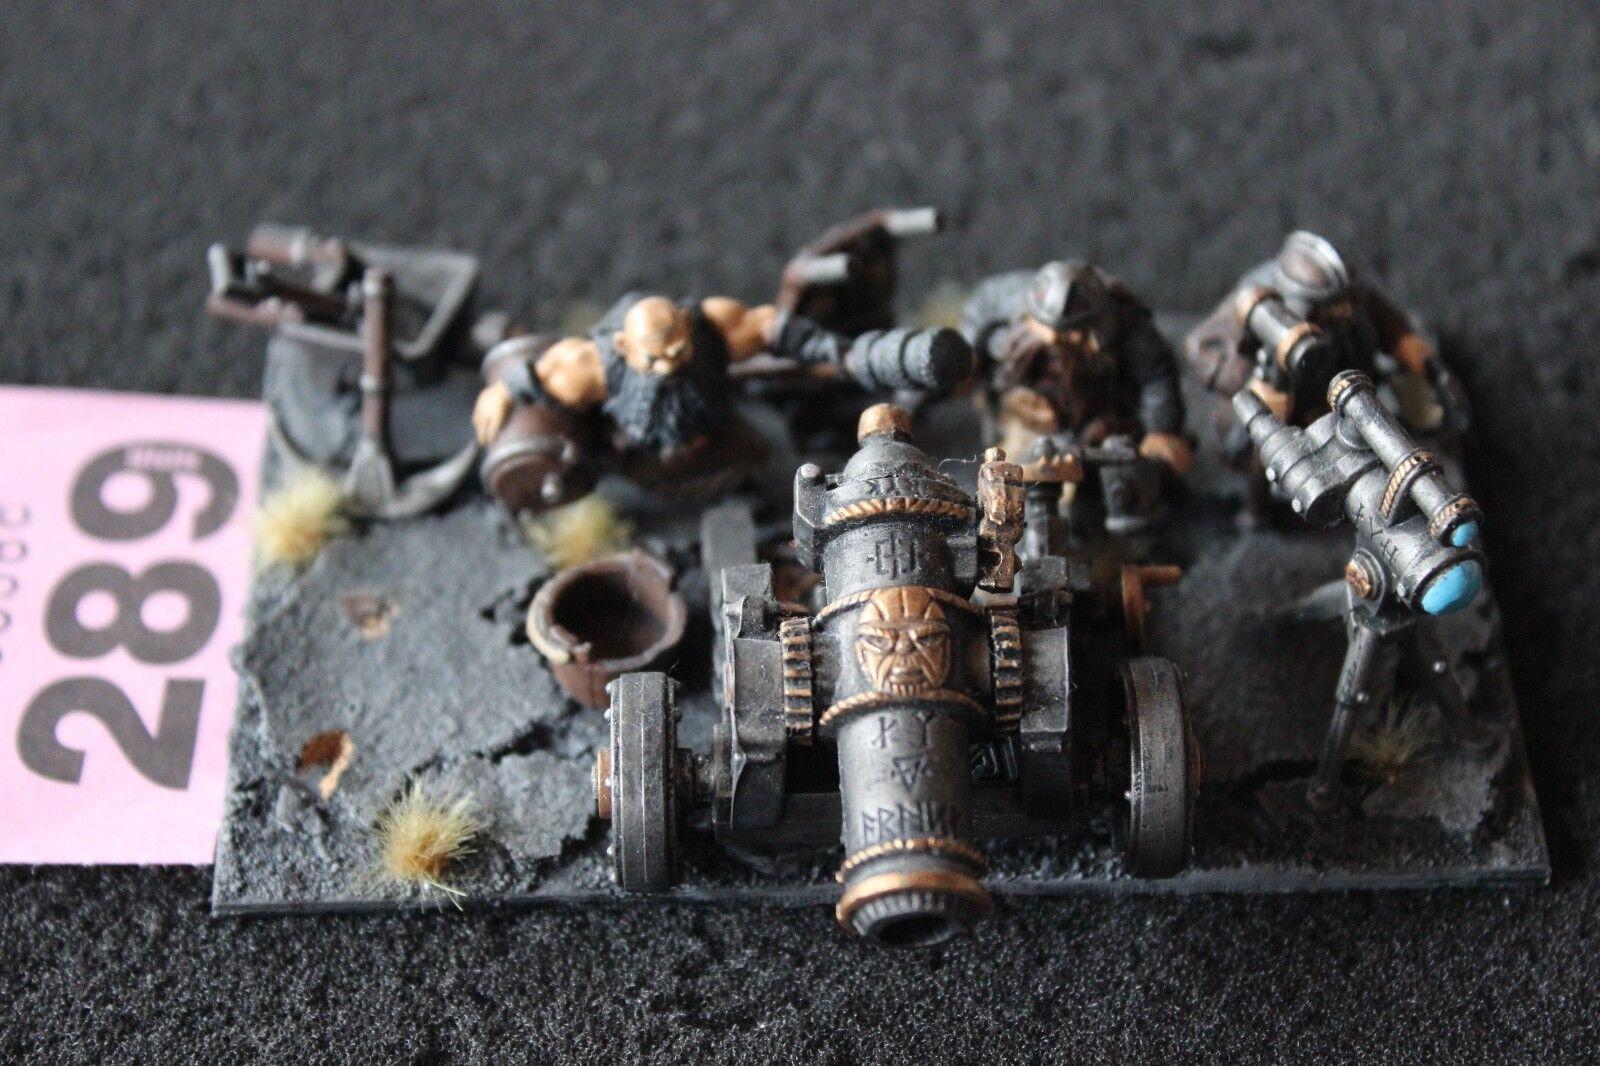 Games Workshop Warhammer Dwarves Dwarf Great Cannon Pro Painted Based Fantasy